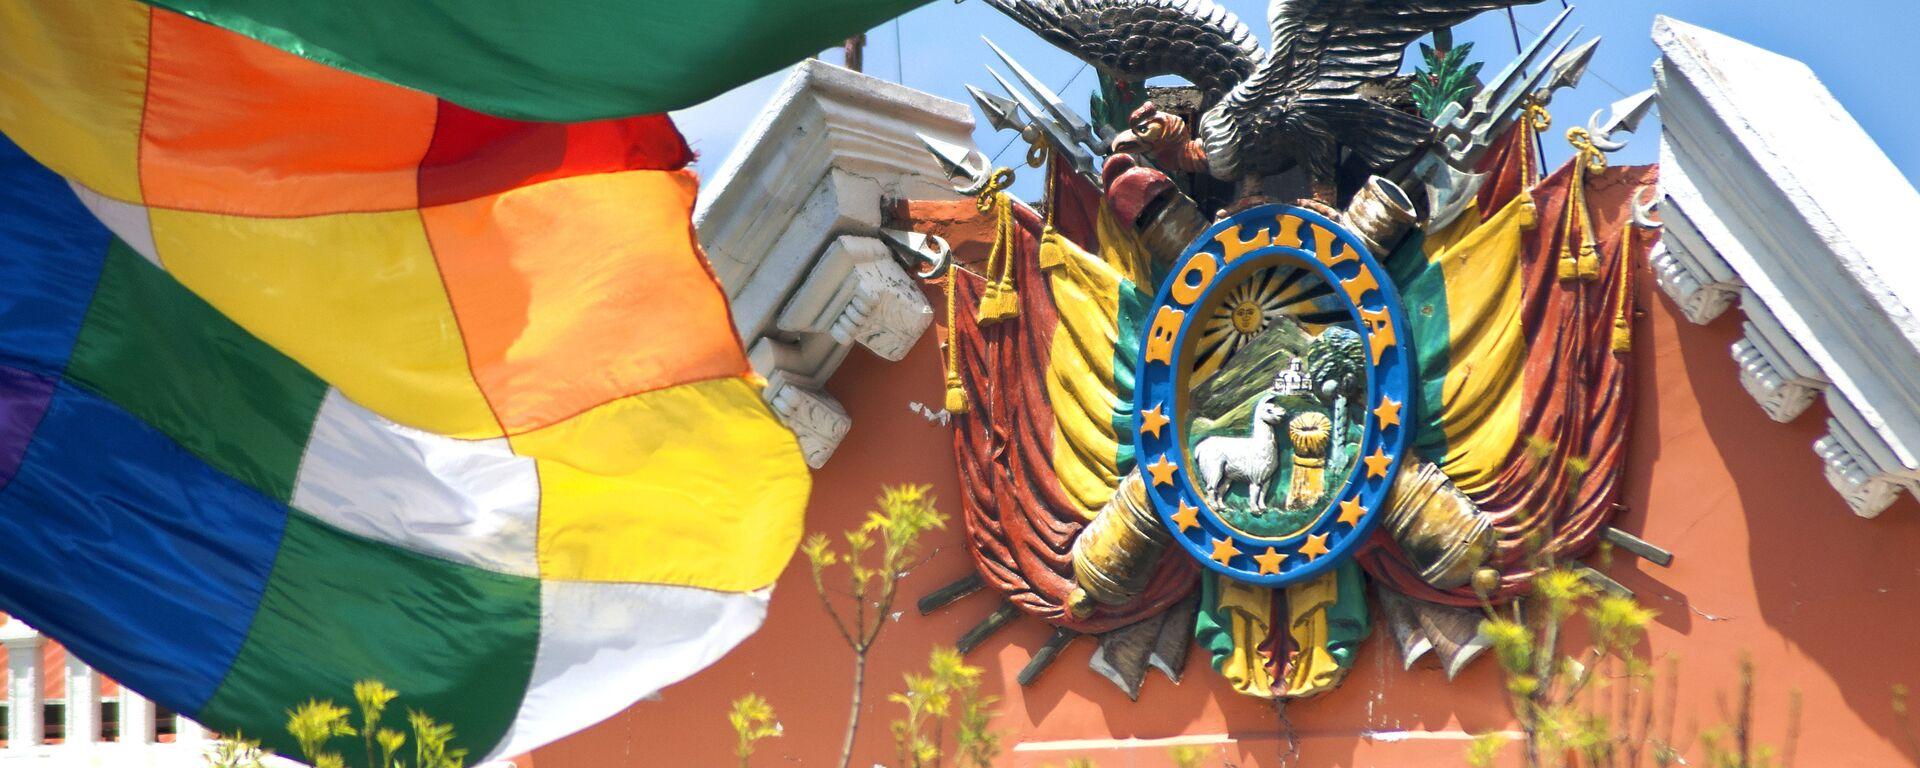 Escudo de Bolivia en el Palacio de Gobierno - Sputnik Mundo, 1920, 29.12.2020